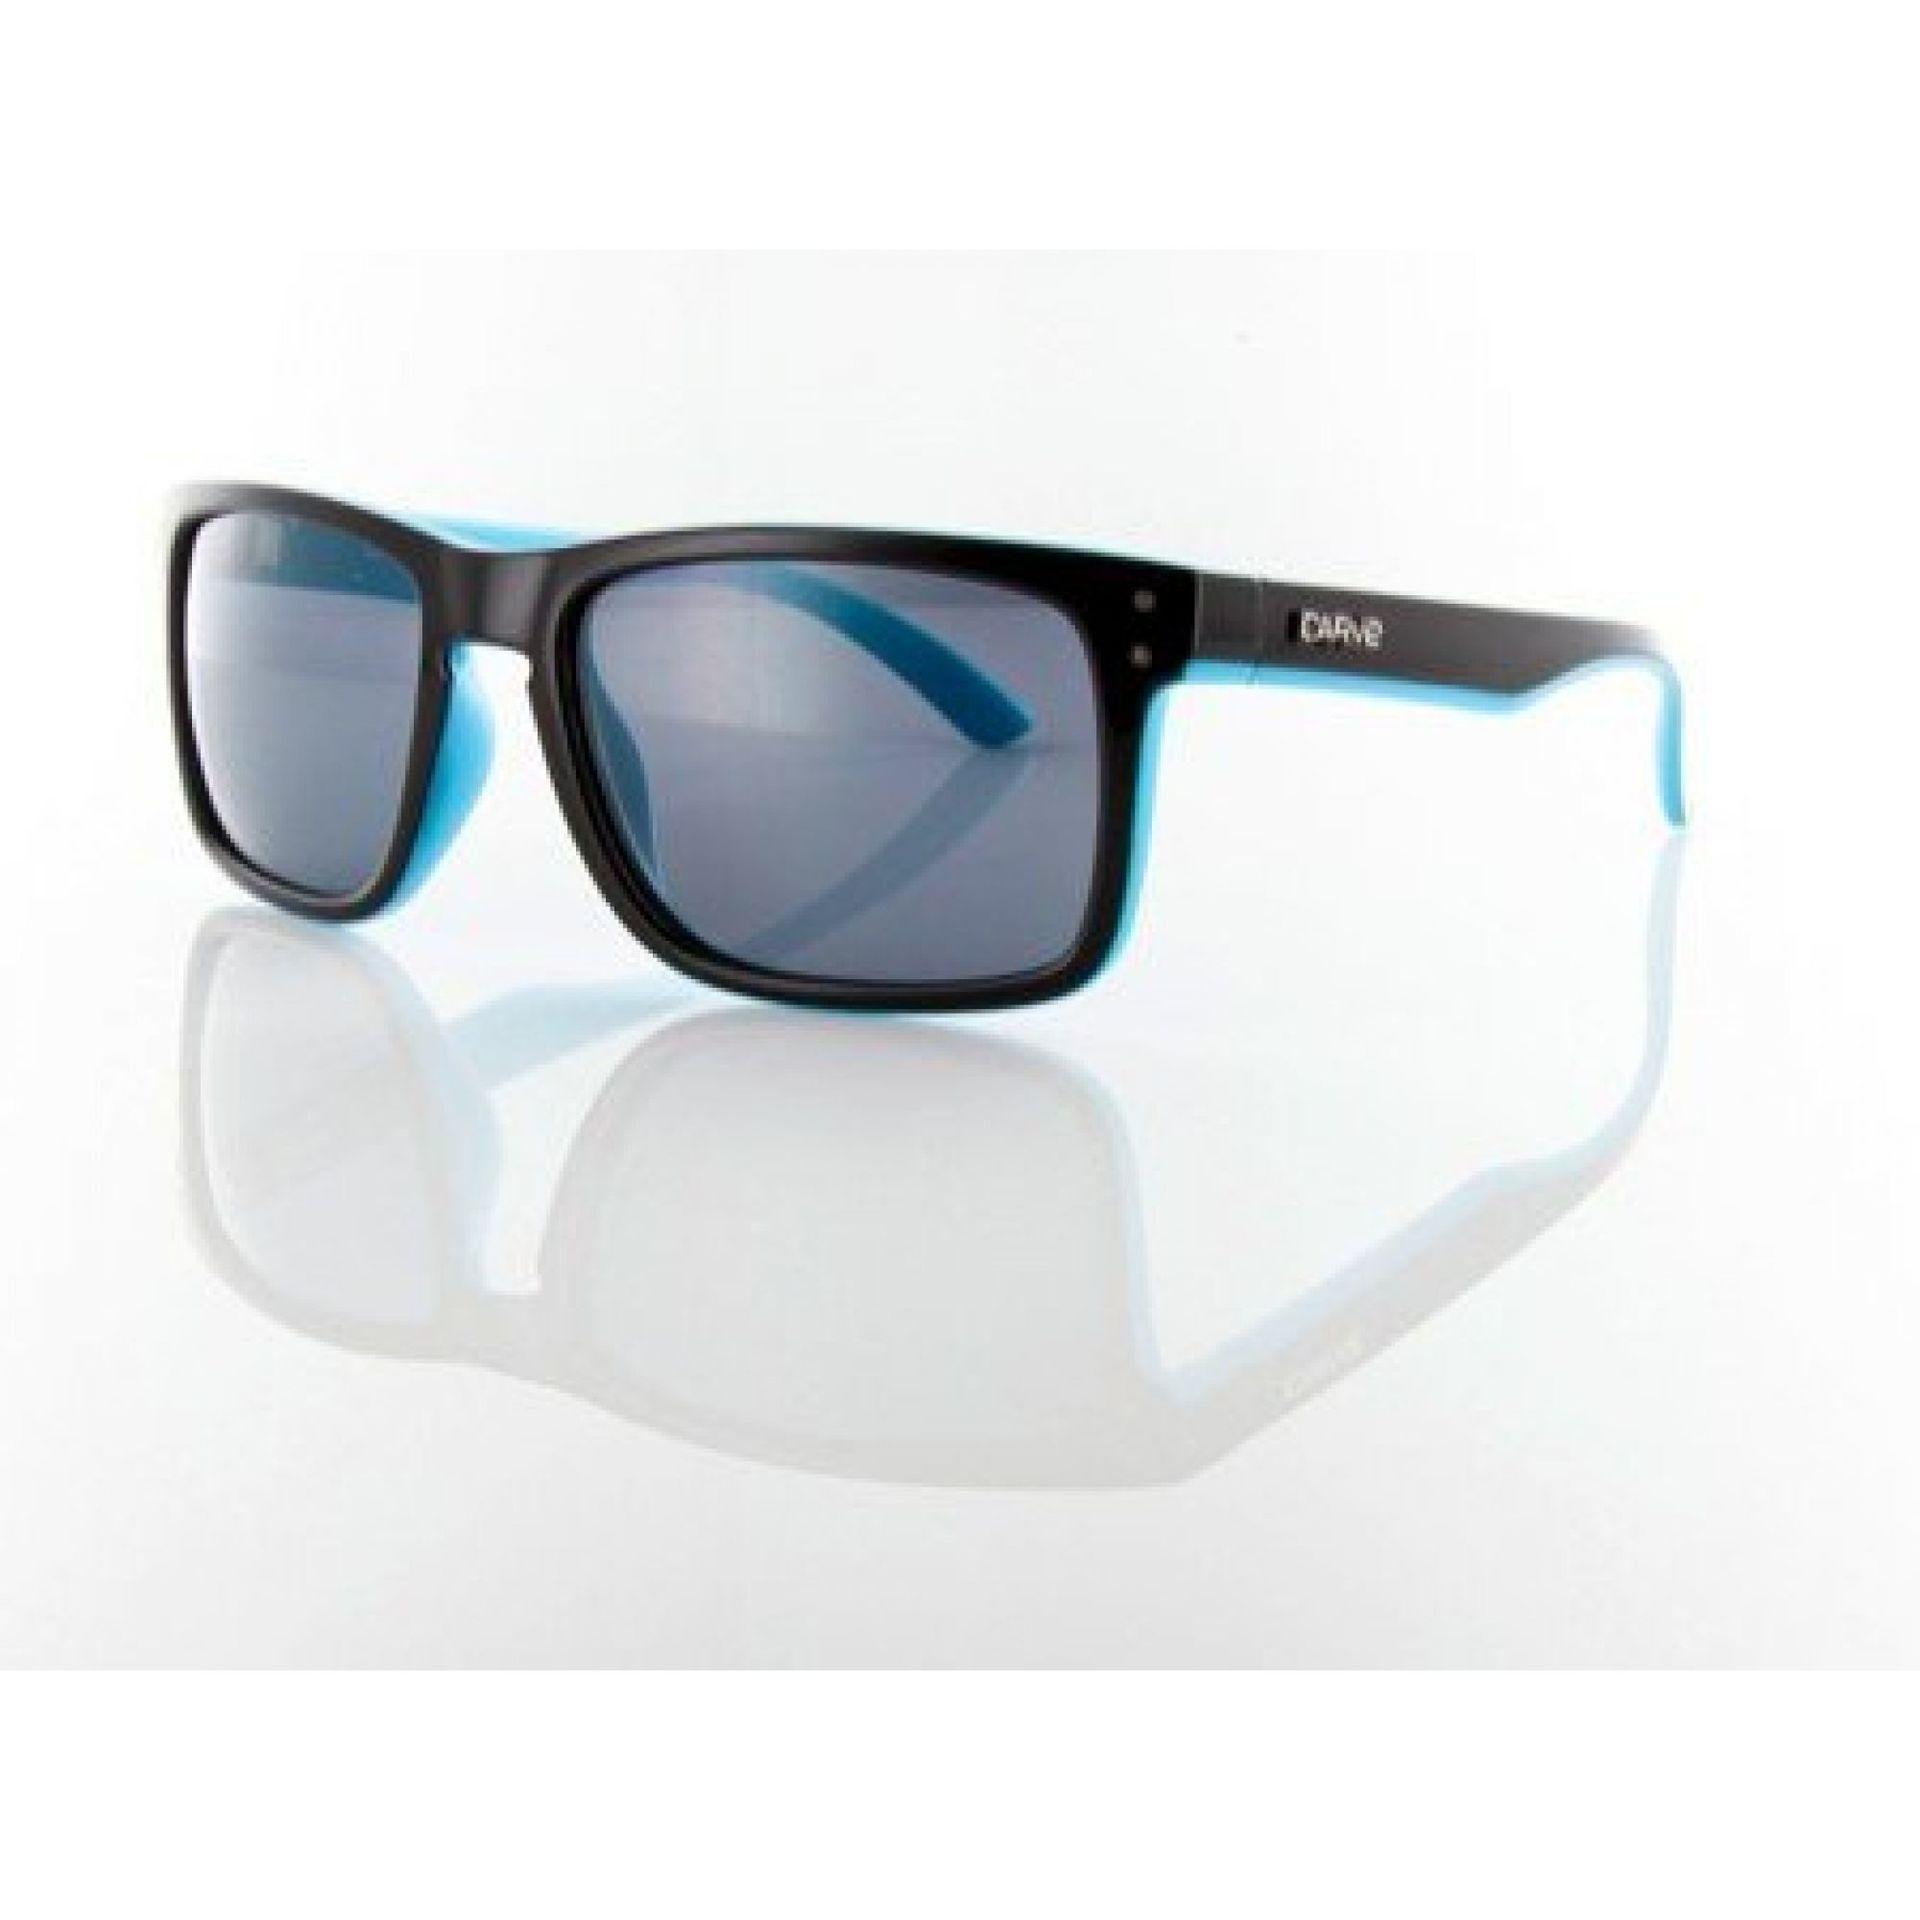 Okulary Carve Goblin czarno niebieskie